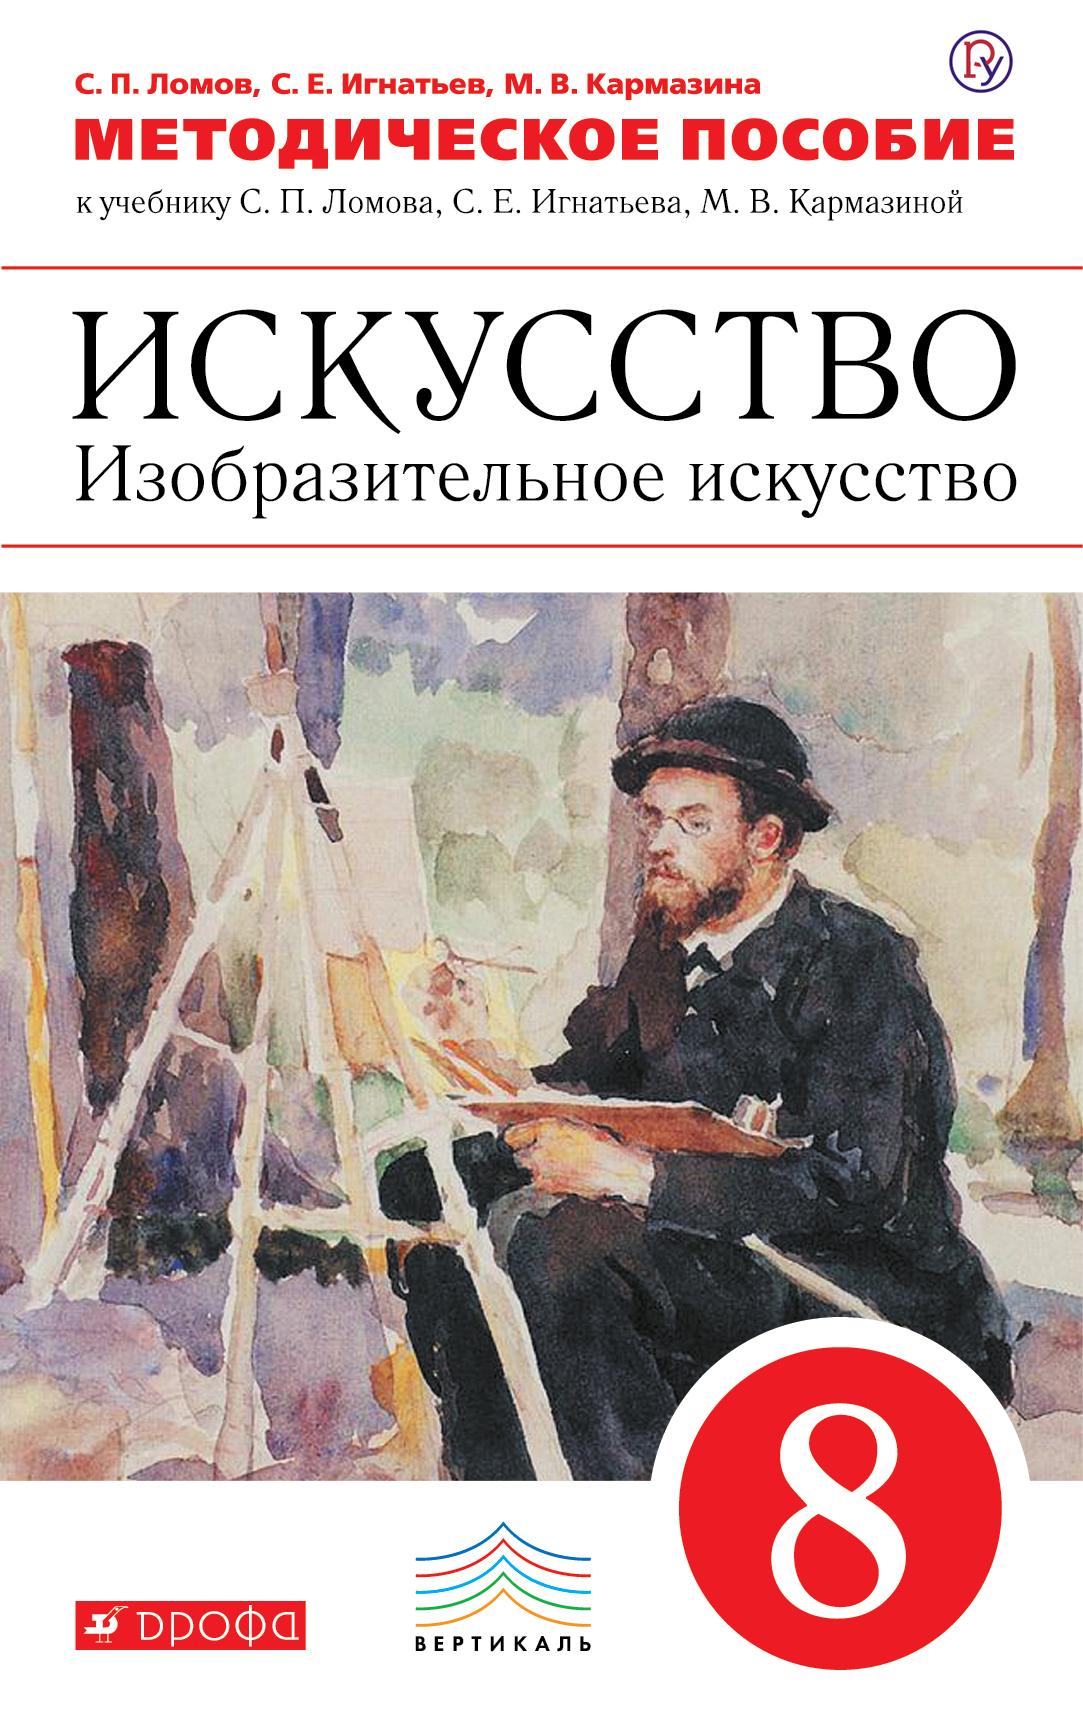 Искусство. Изобразительное искусство. 8 класс. Методическое пособие. ( Ломов С.П., Игнатьев С.Е., Кармазина М.В.  )